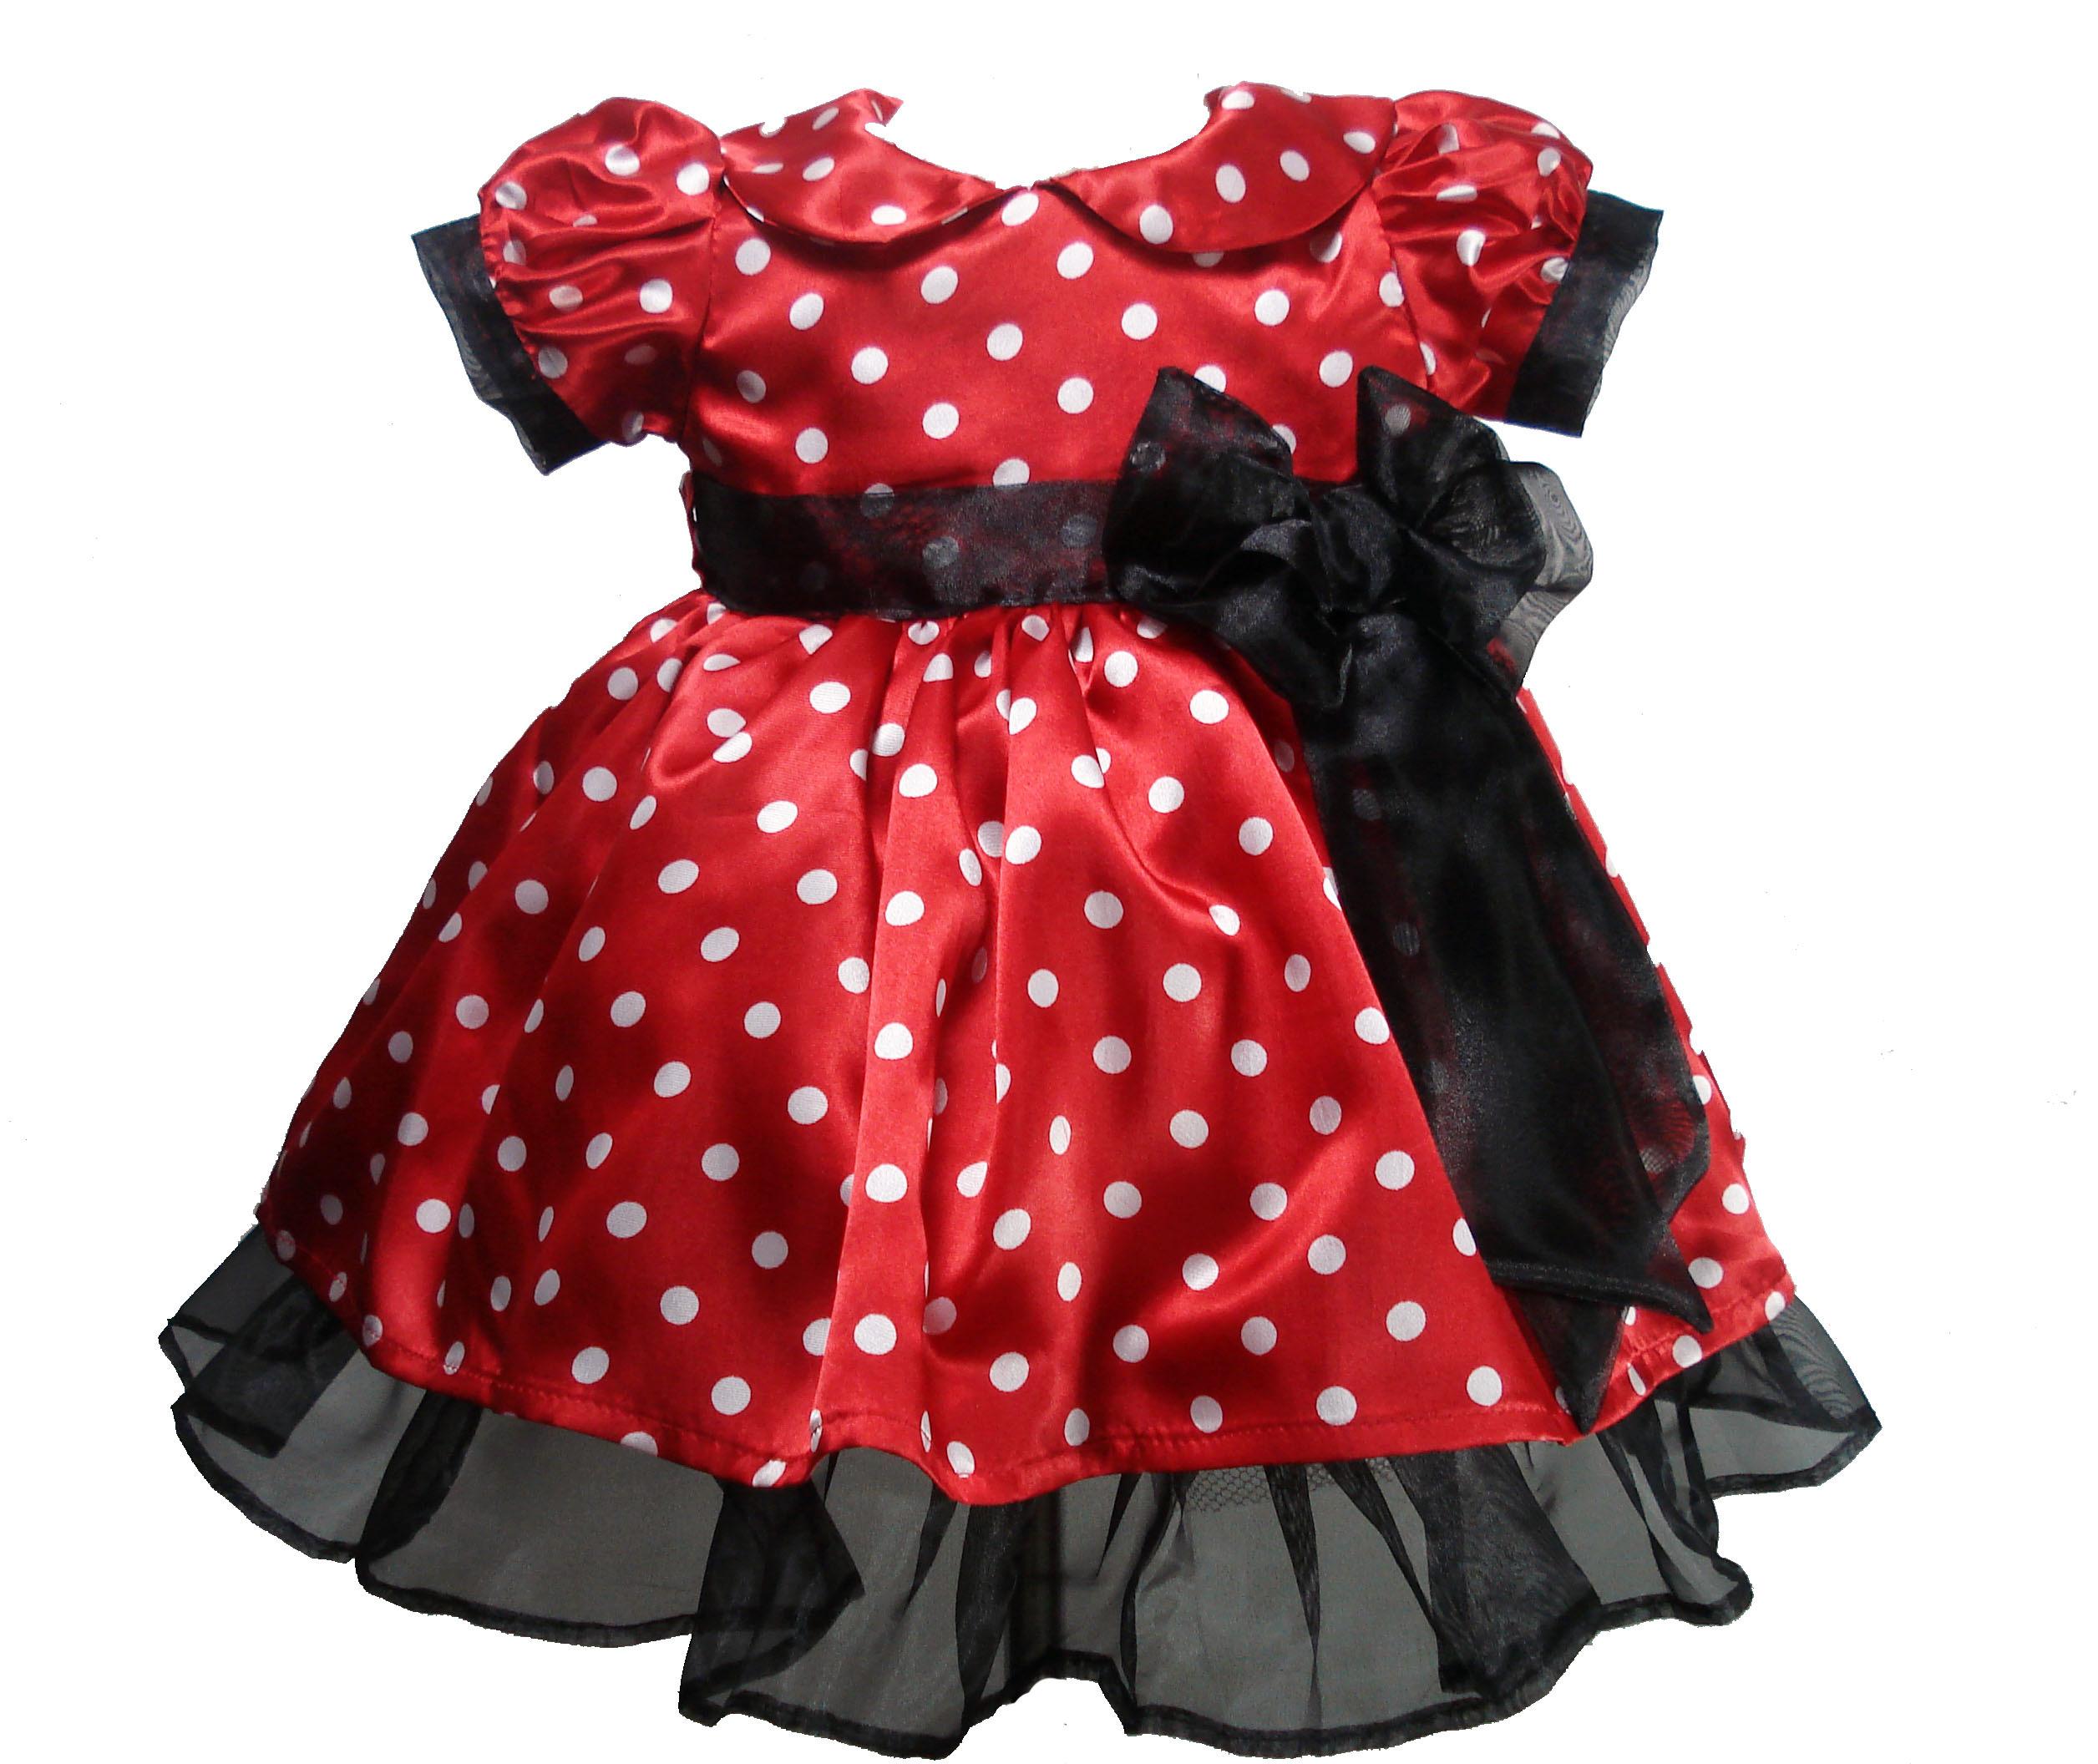 Vestido Minnie Vermelho Luxo 1026 Vestido Minnie Vermelho Luxo 1026